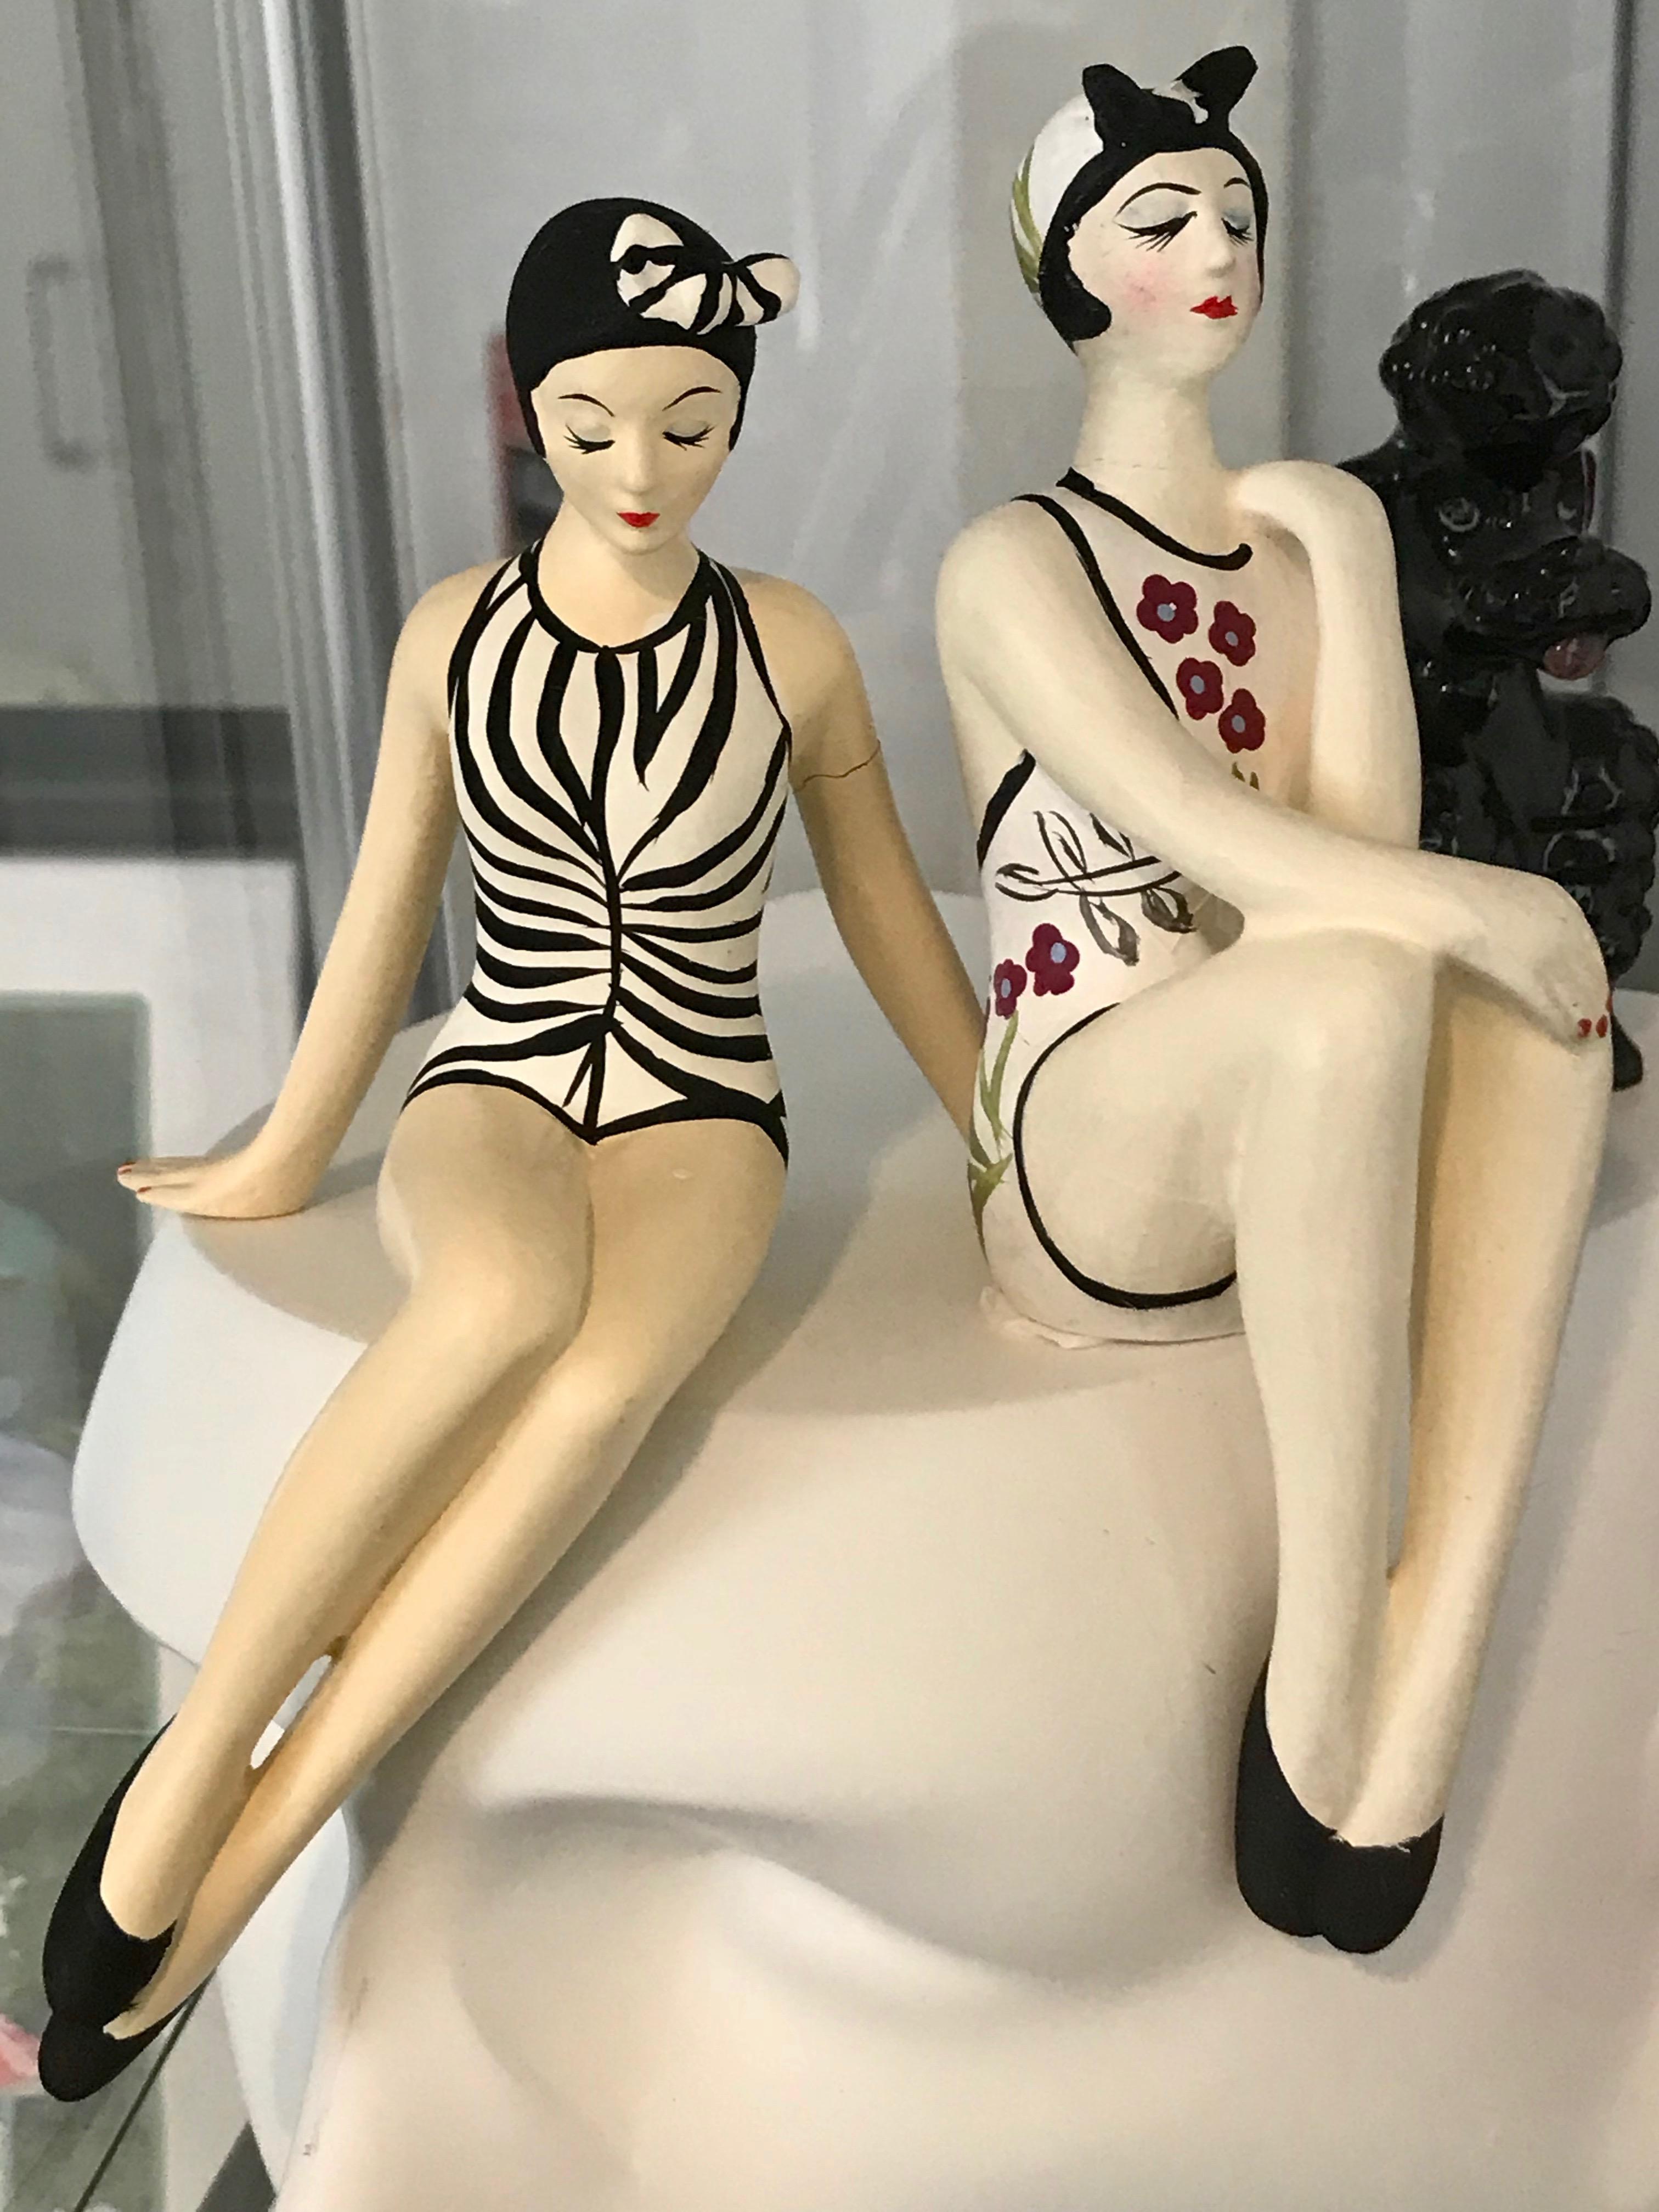 """Figuras Art Deco Para conocer de la historia del Art Deco en Miami, visita el museo del """"Miami Design Preservation League"""", en el corazón del histórico distrito Art Deco. En su tienda encontrarás curiosidades, libros, posters y recordatorios inspirados en el Art Deco. 1001 Ocean Drive, Miami Beach. Foto suministrada"""